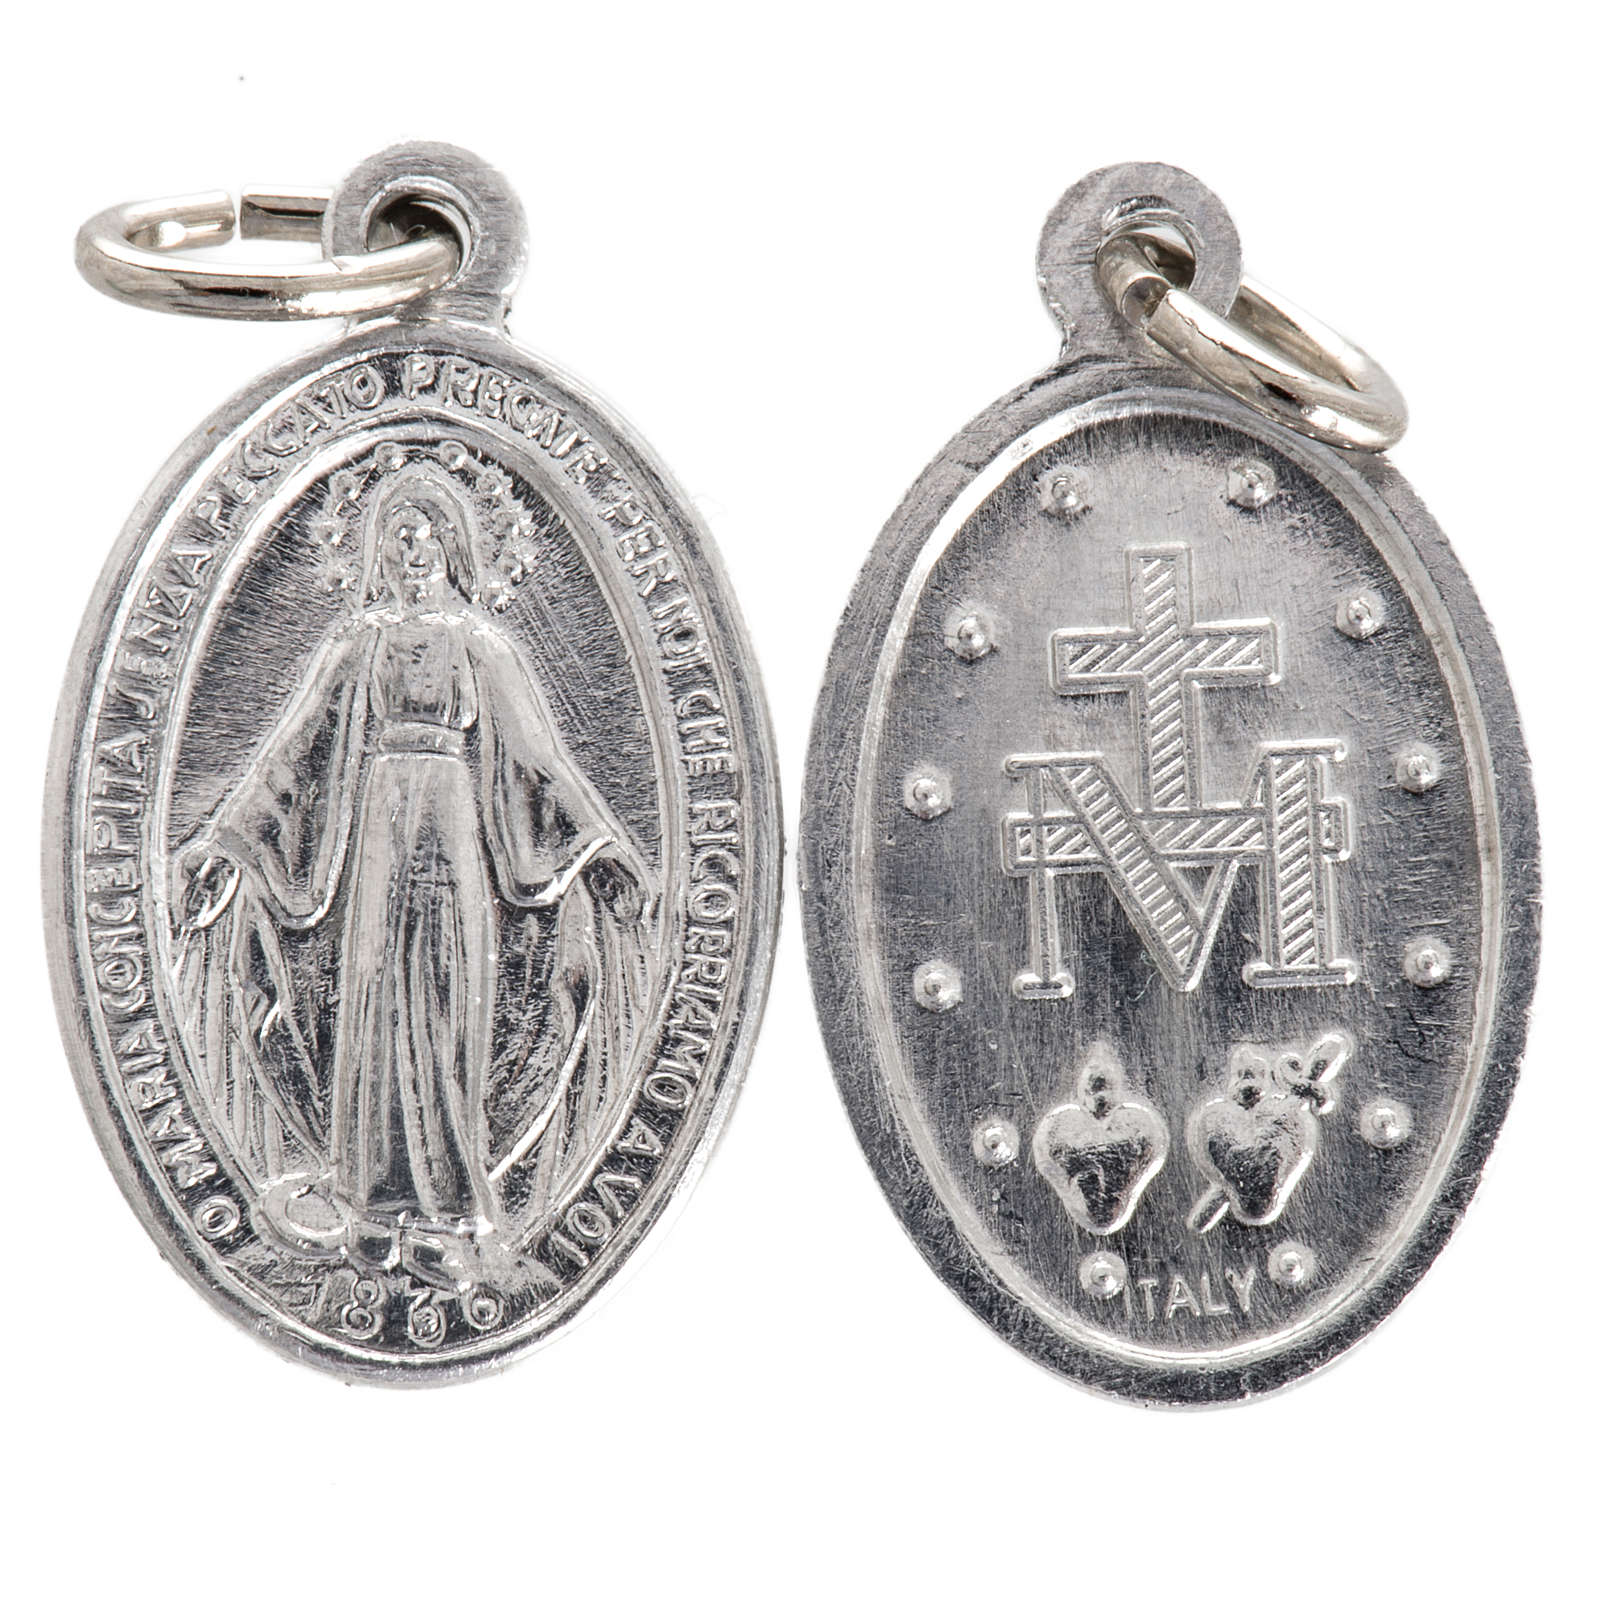 Miraculous Medal in silver steel 12mm 4